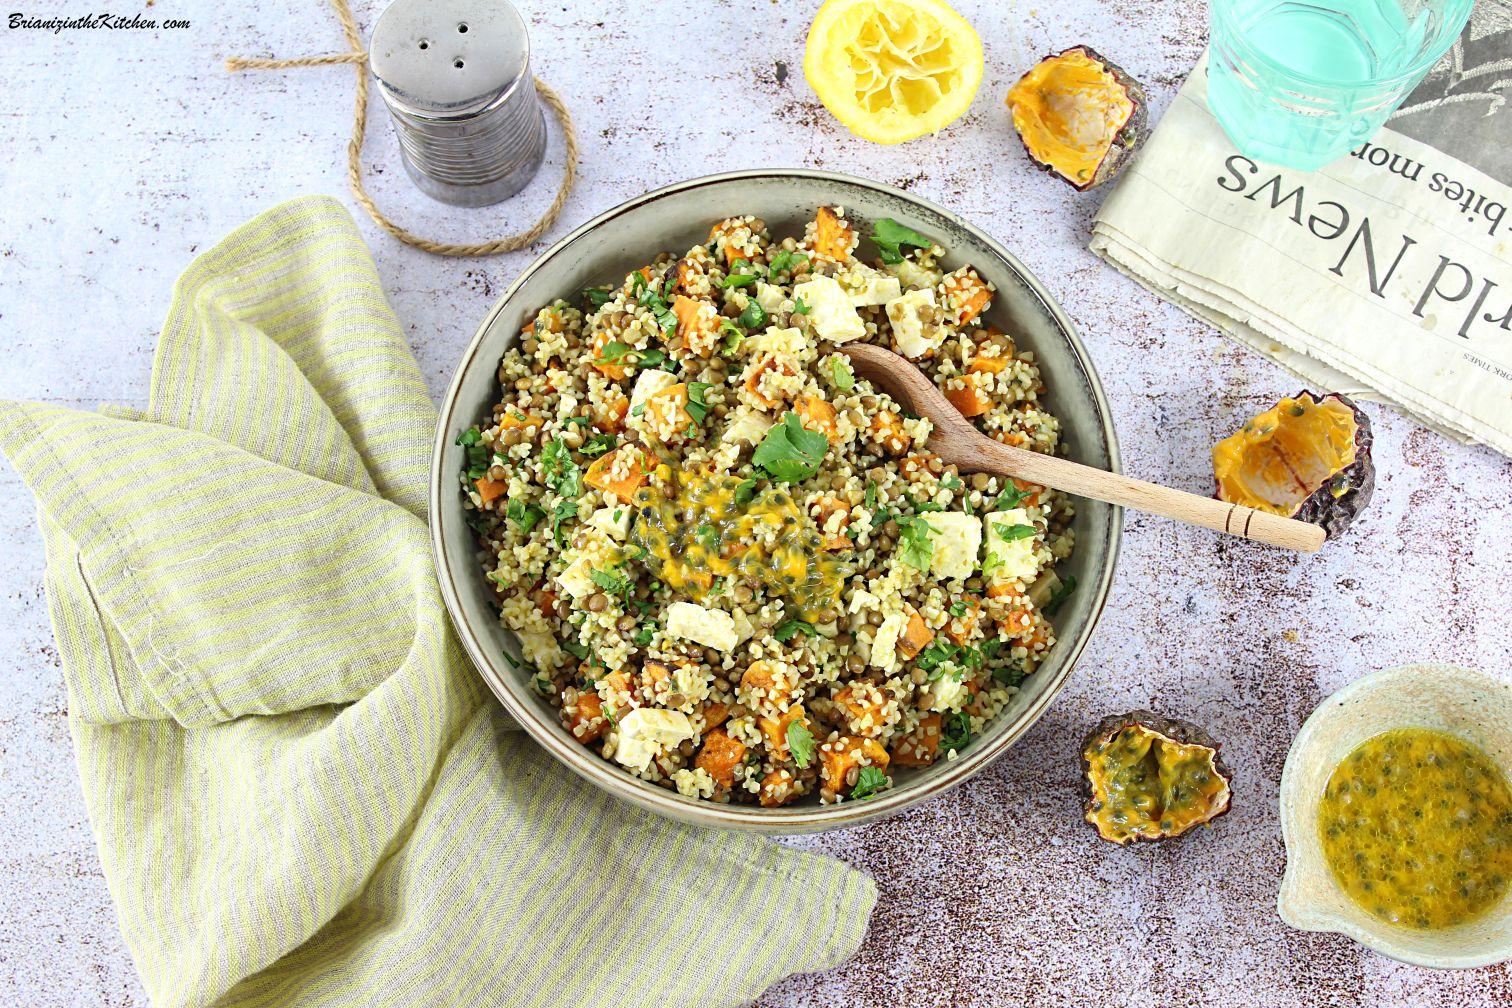 Salade de Boulgour, Lentilles Vertes et Patate Douce Rôtie {Vinaigrette Fruit de la Passion}